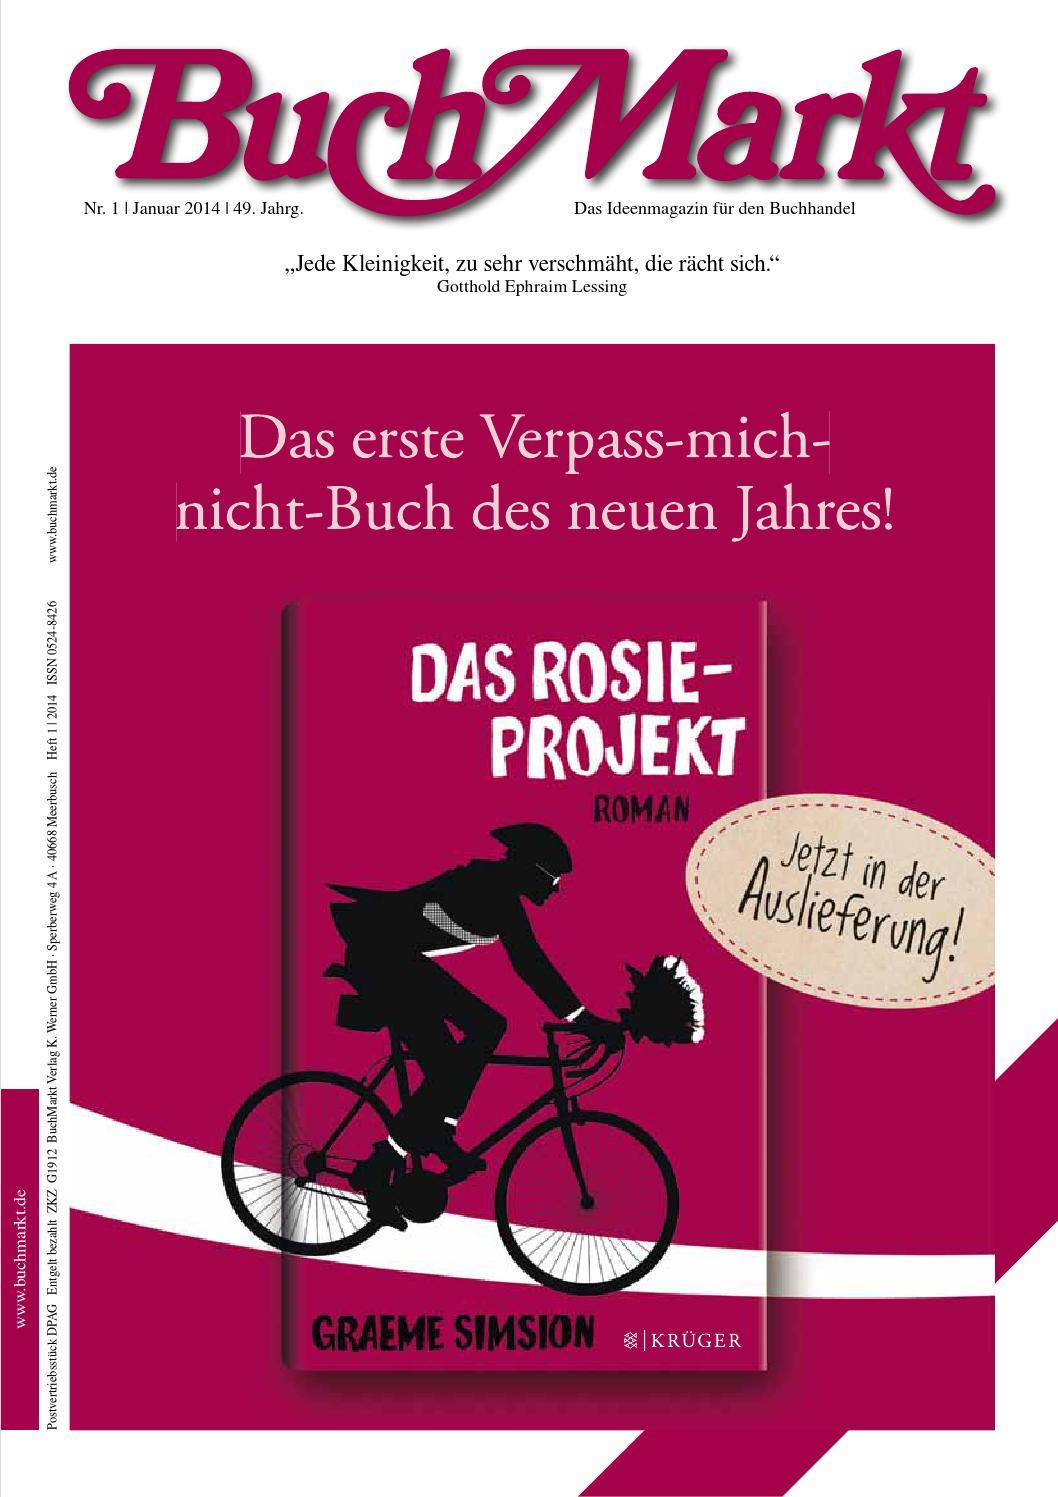 BuchMarkt Anzeigen Januar 2014 by BuchMarkt - issuu